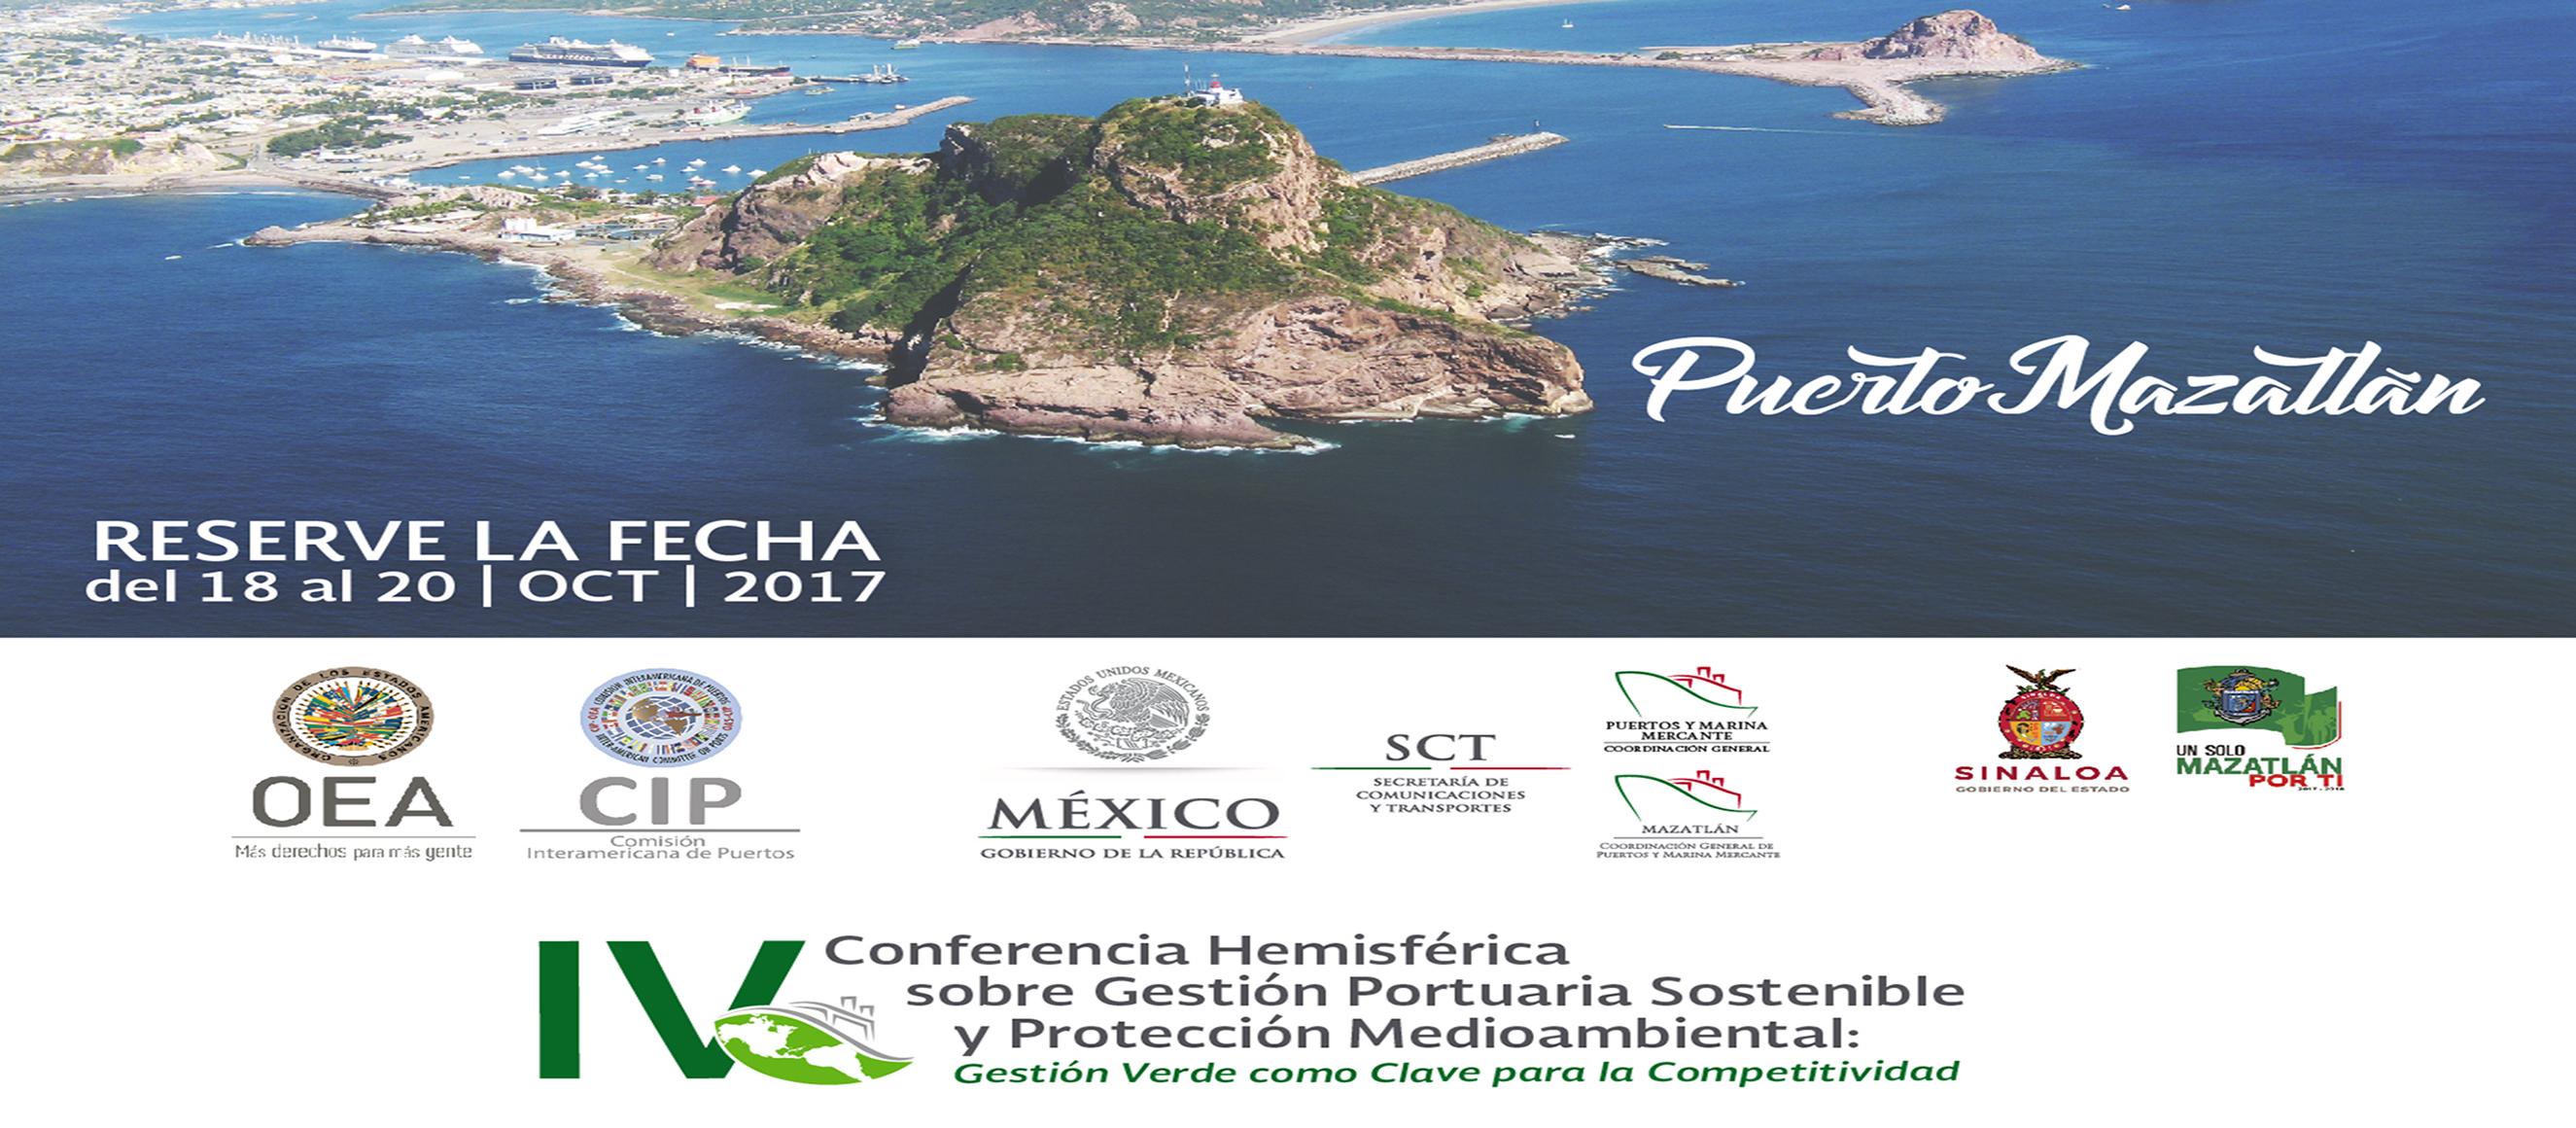 IV Conferencia Hemisférica sobre Gestión Portuaria Sostenible y Protección Medioambiental